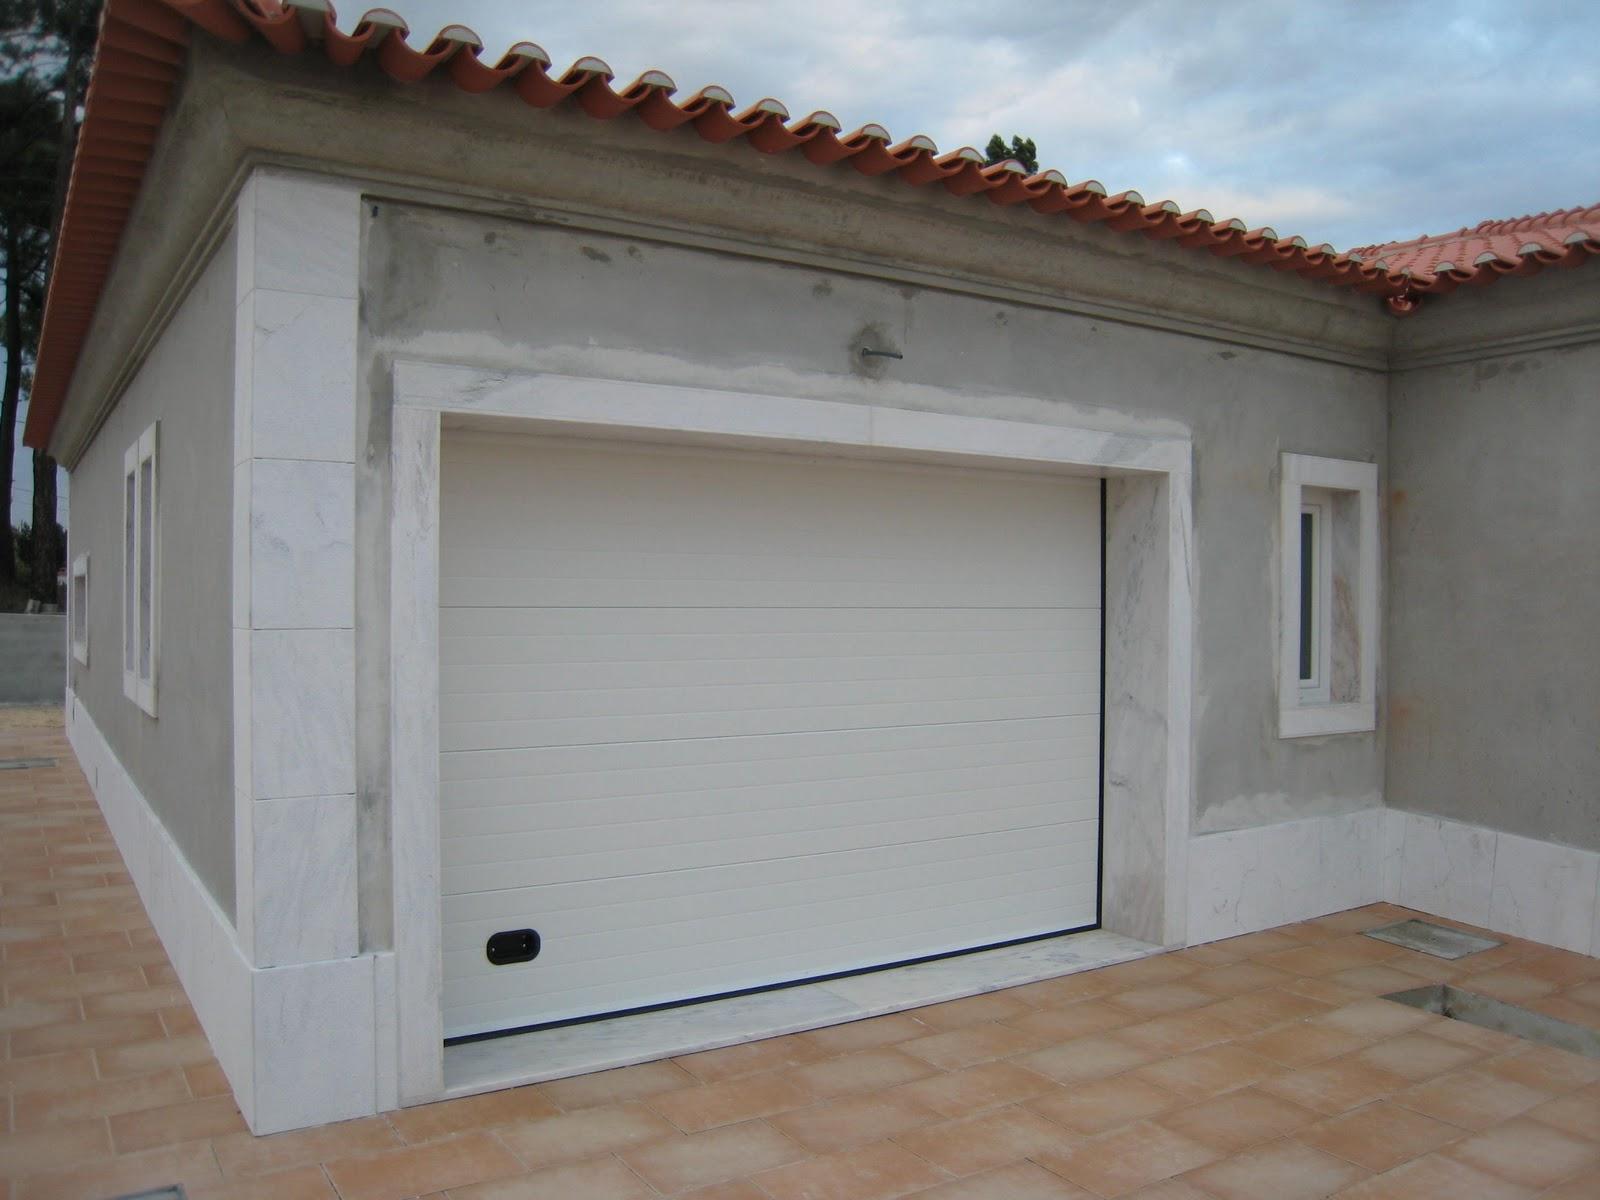 A nossa alegre casinha port o garagem e pavimento interior for Pavimento ceramico interior